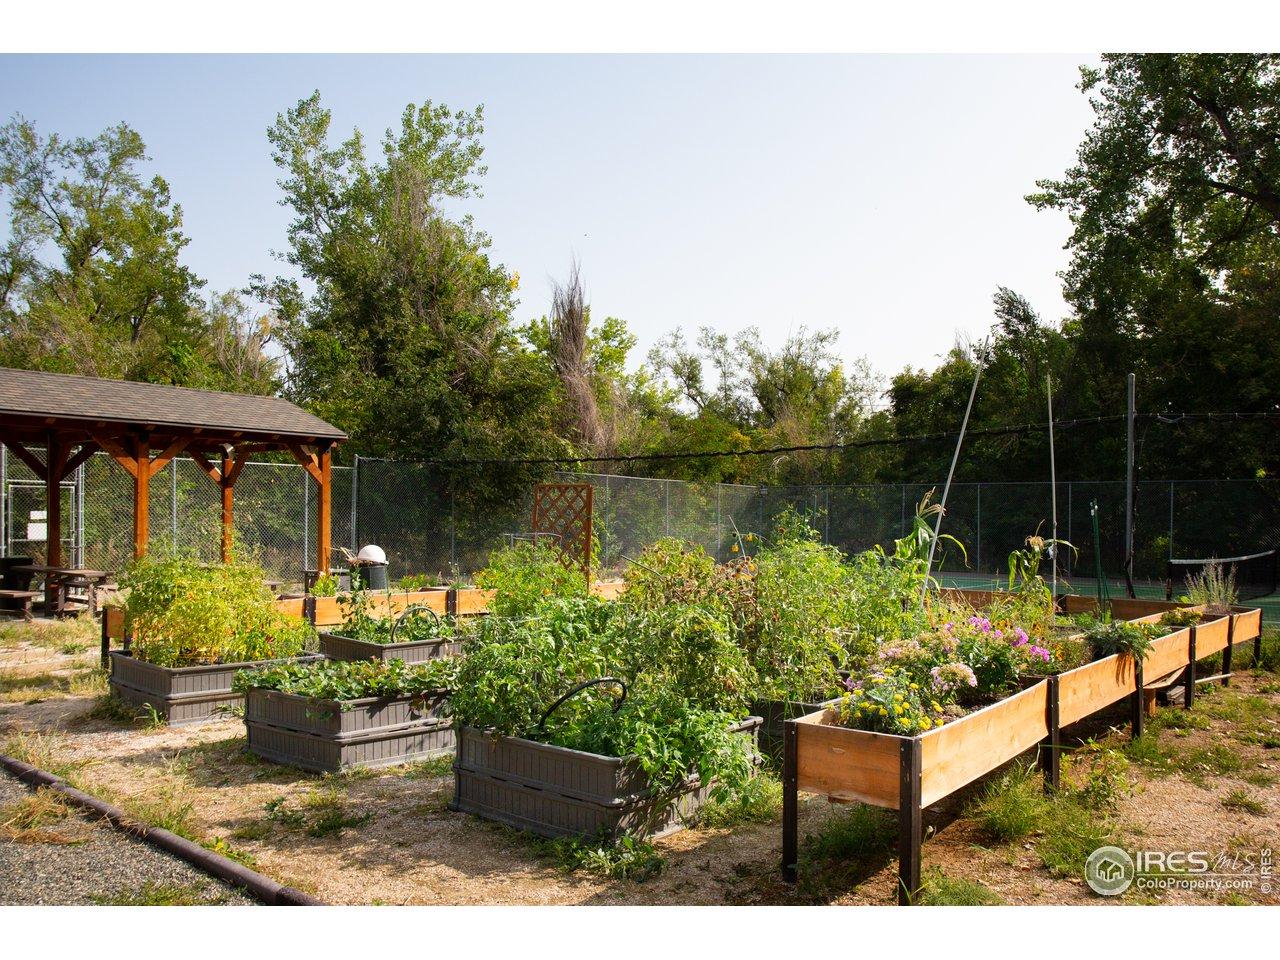 HOA gardens